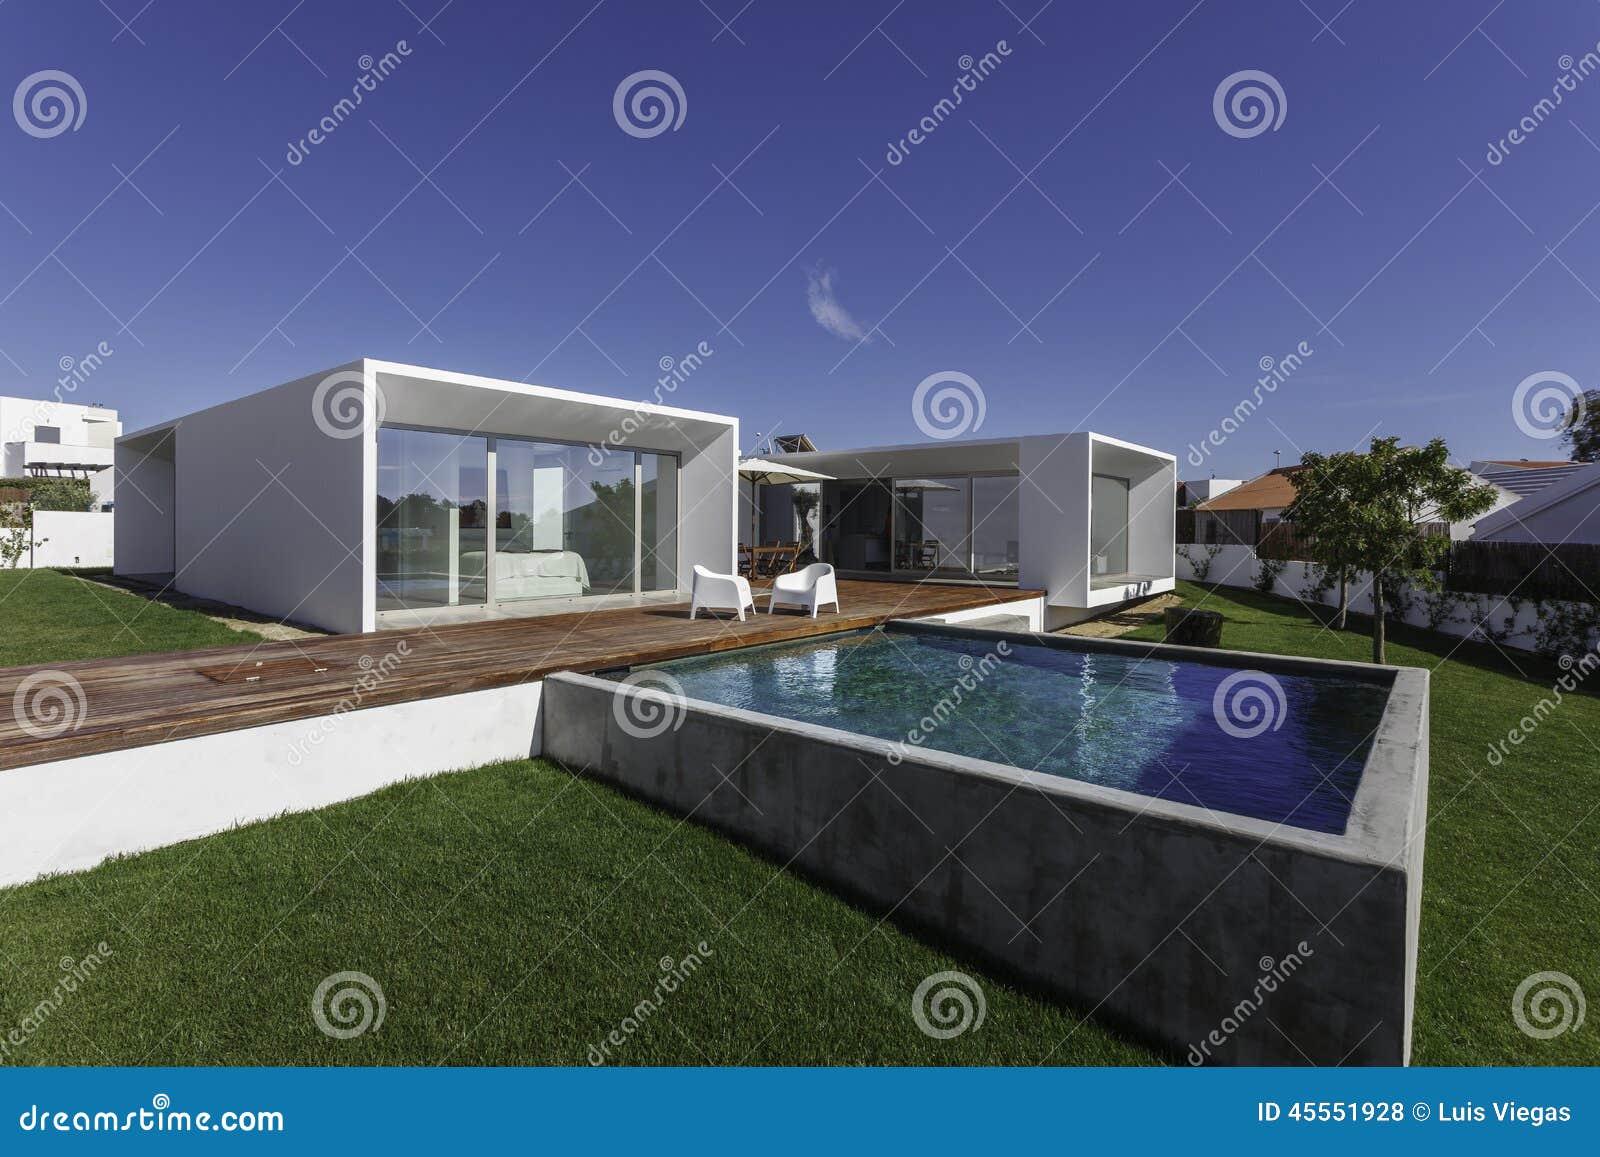 Huis met tuin zwembad en houten dek stock foto afbeelding 45551928 - Huis design met zwembad ...